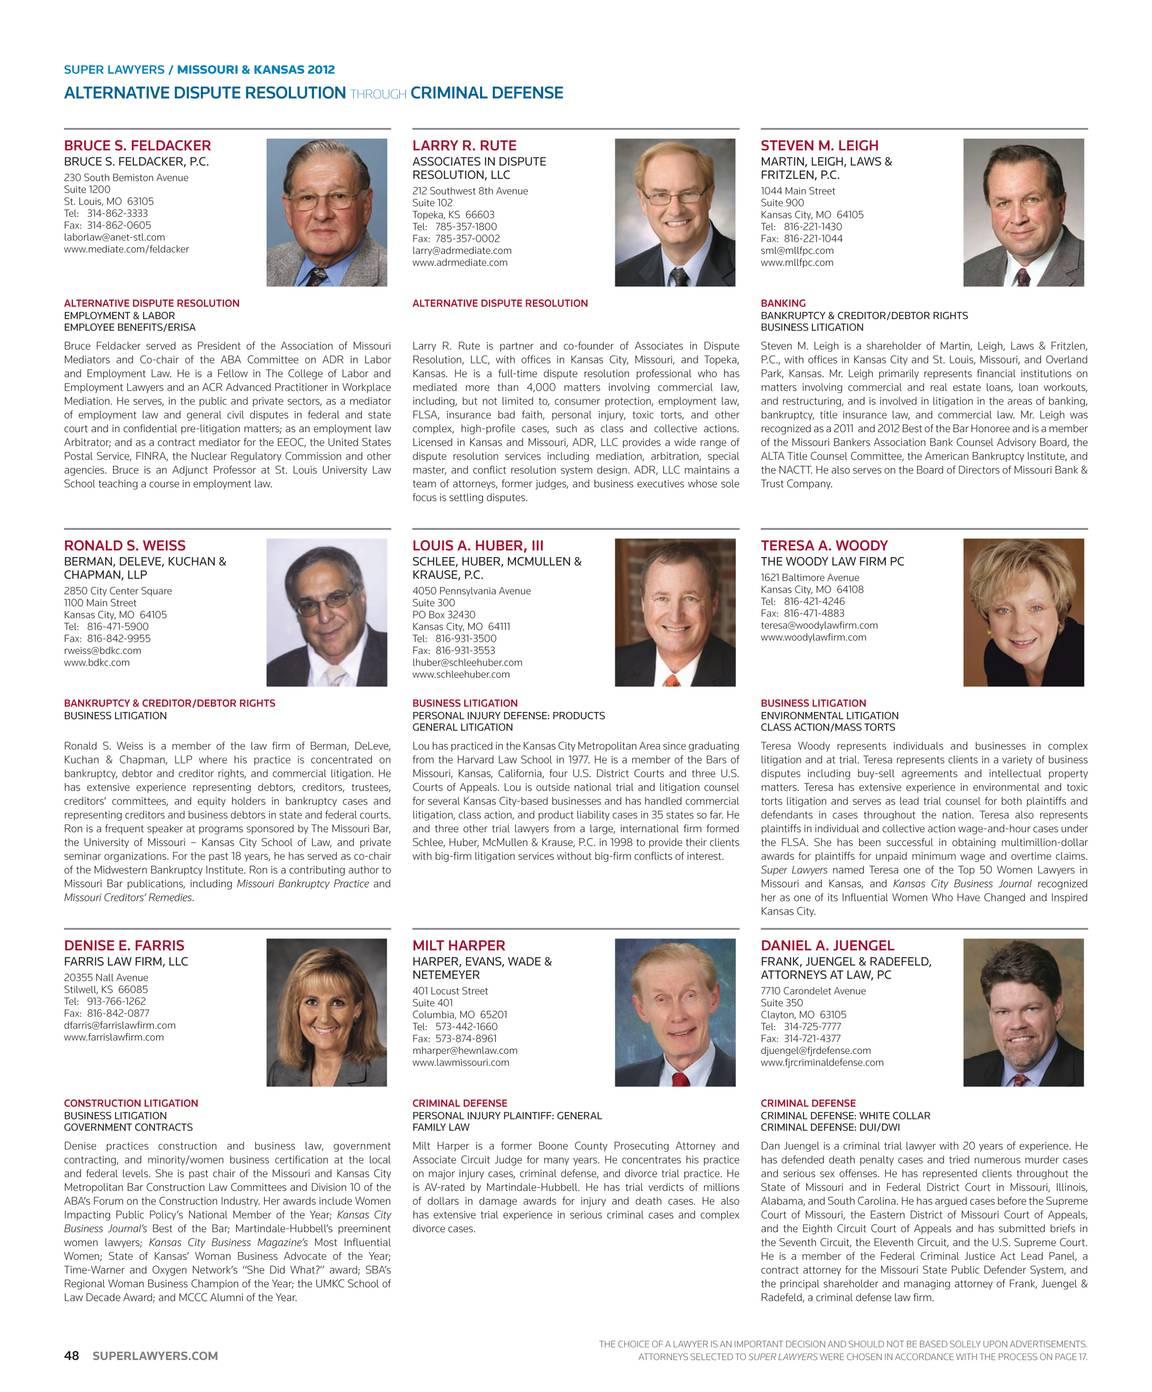 Super Lawyers - Missouri & Kansas 2012 - page 49